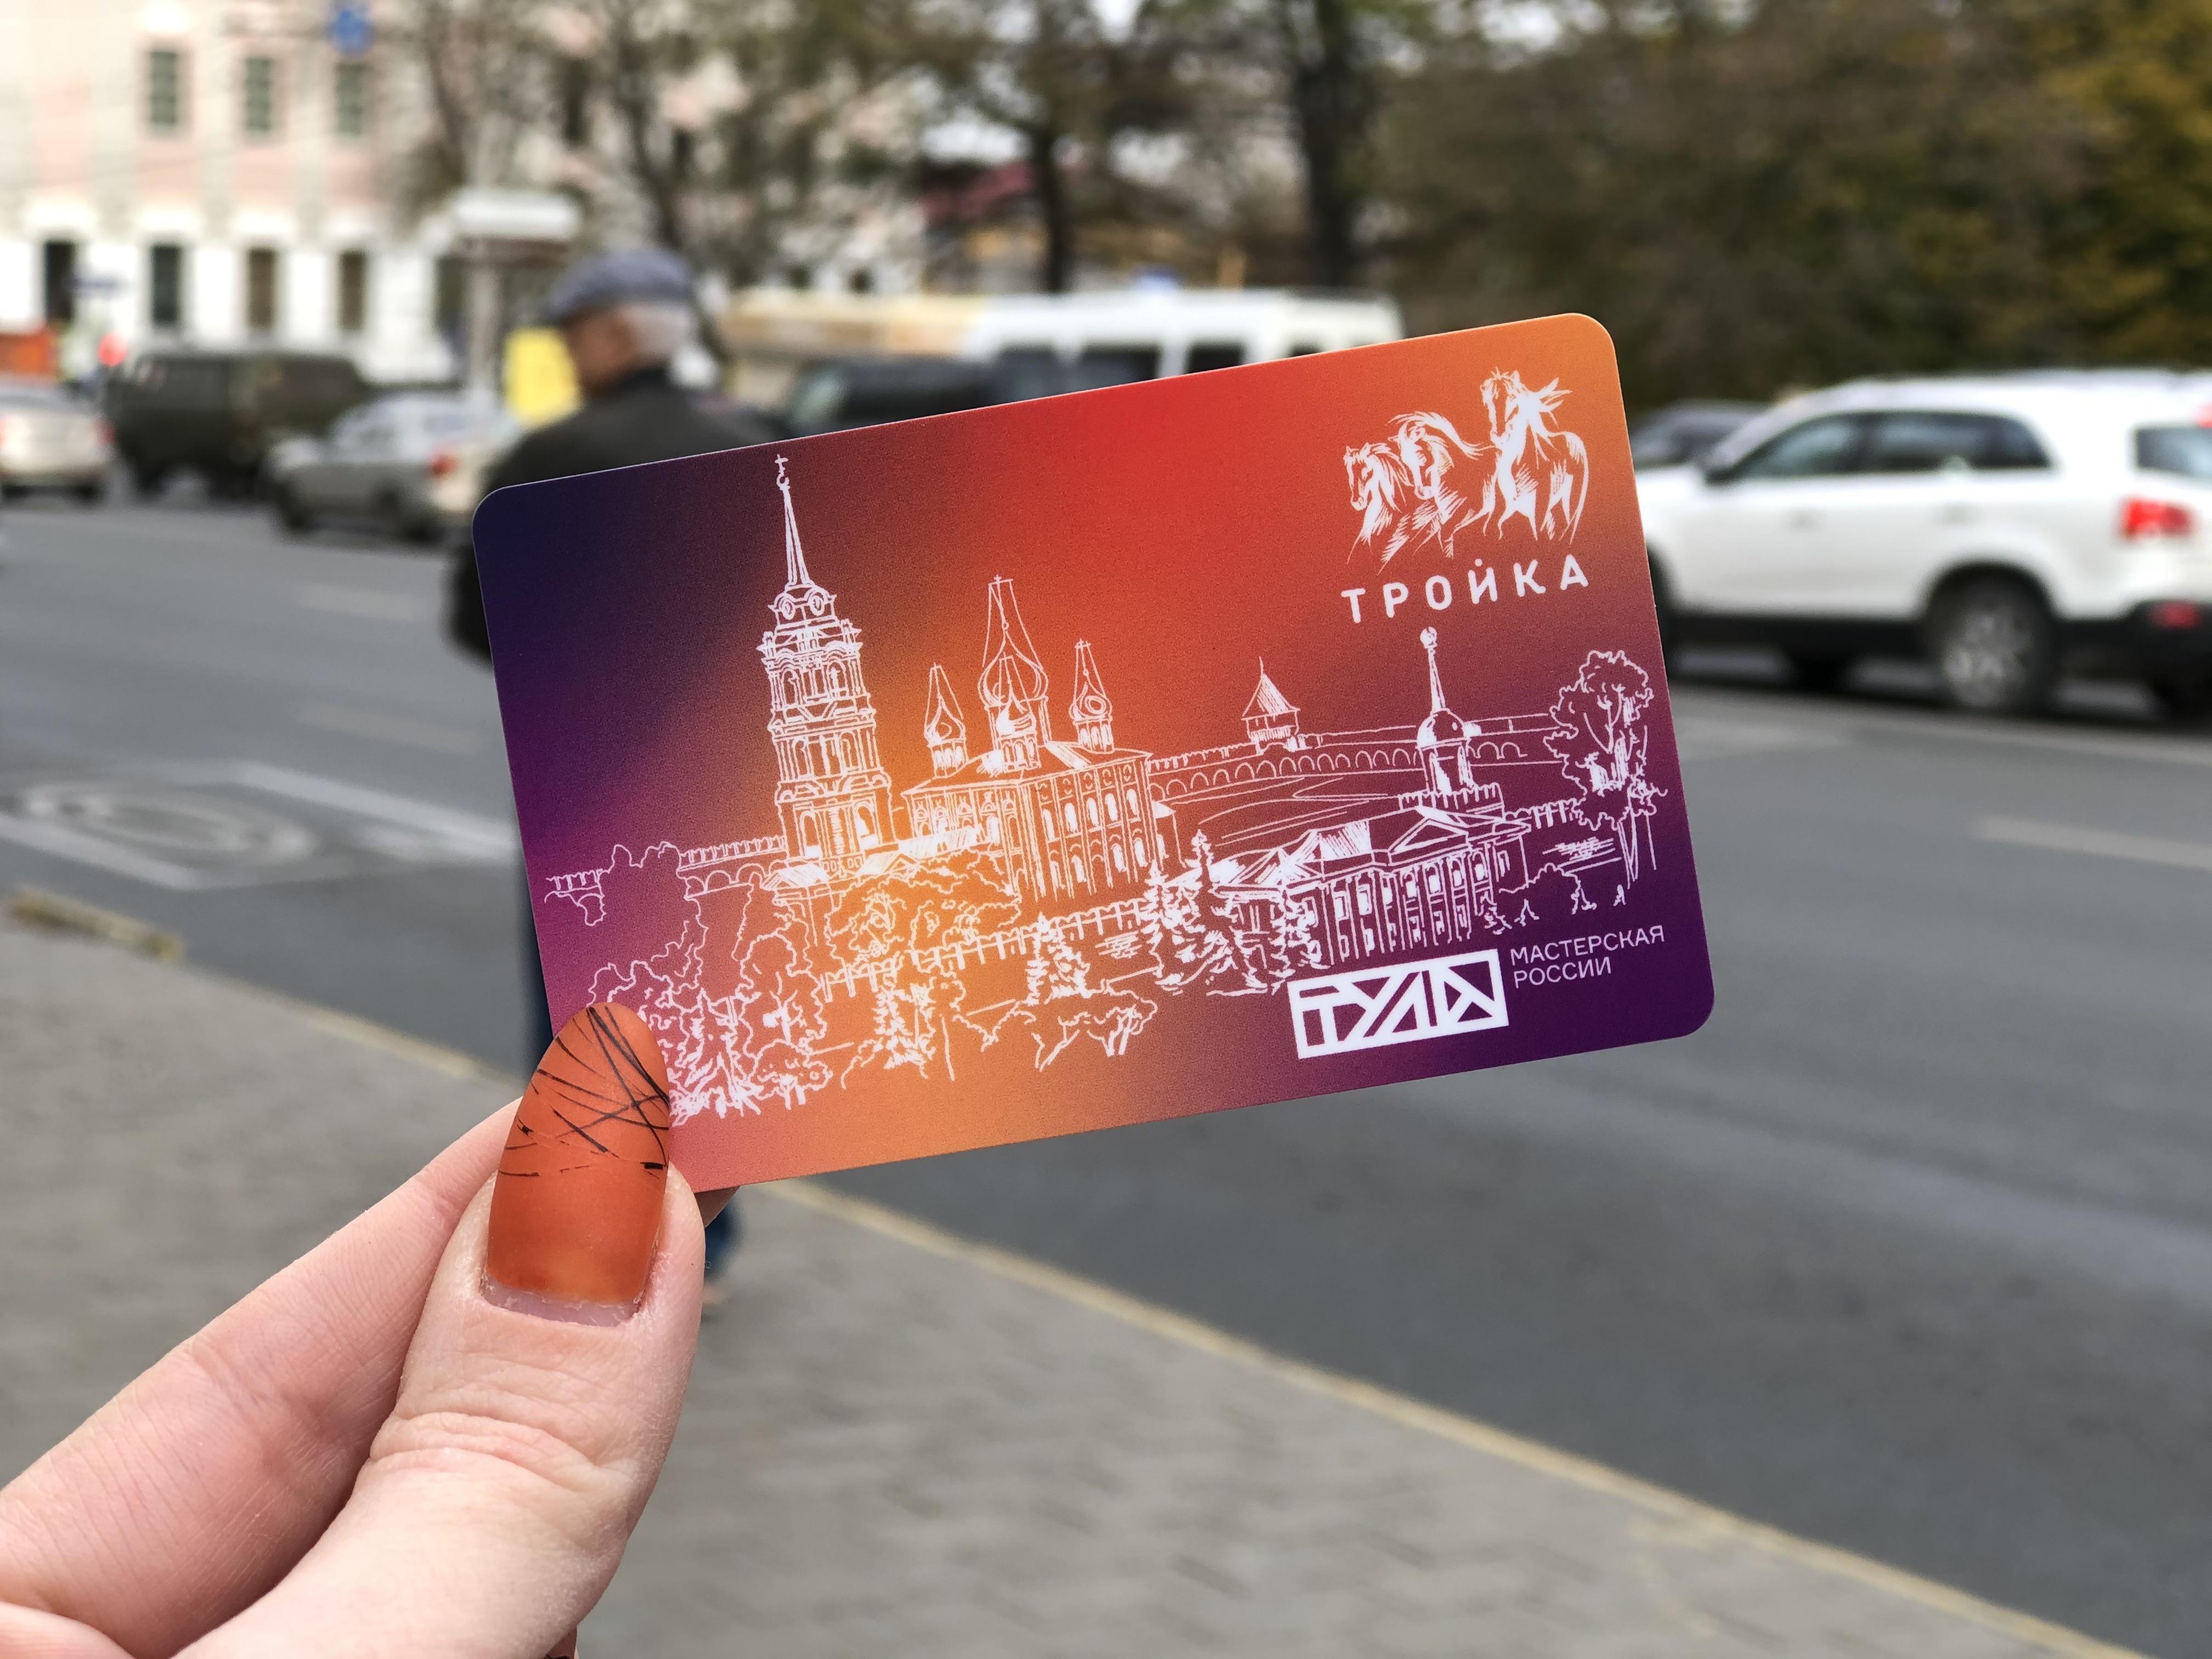 Проезд на автобусах со скидкой: где в Новомосковске можно купить карту «Тройка»?